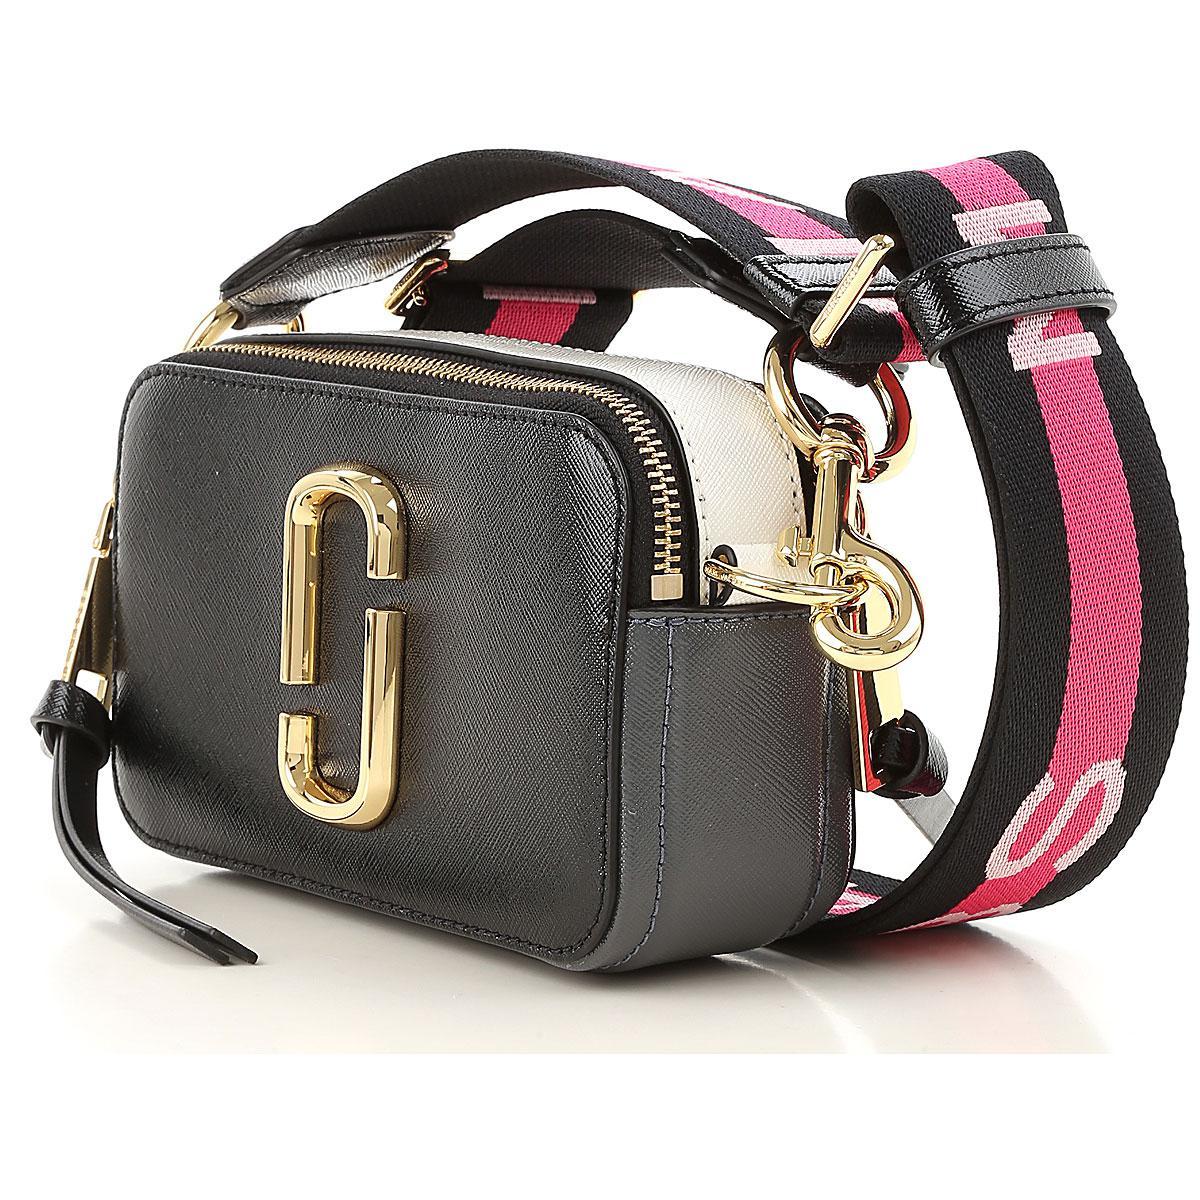 Michael Kors Black leather slouchy shoulder bag, Designer